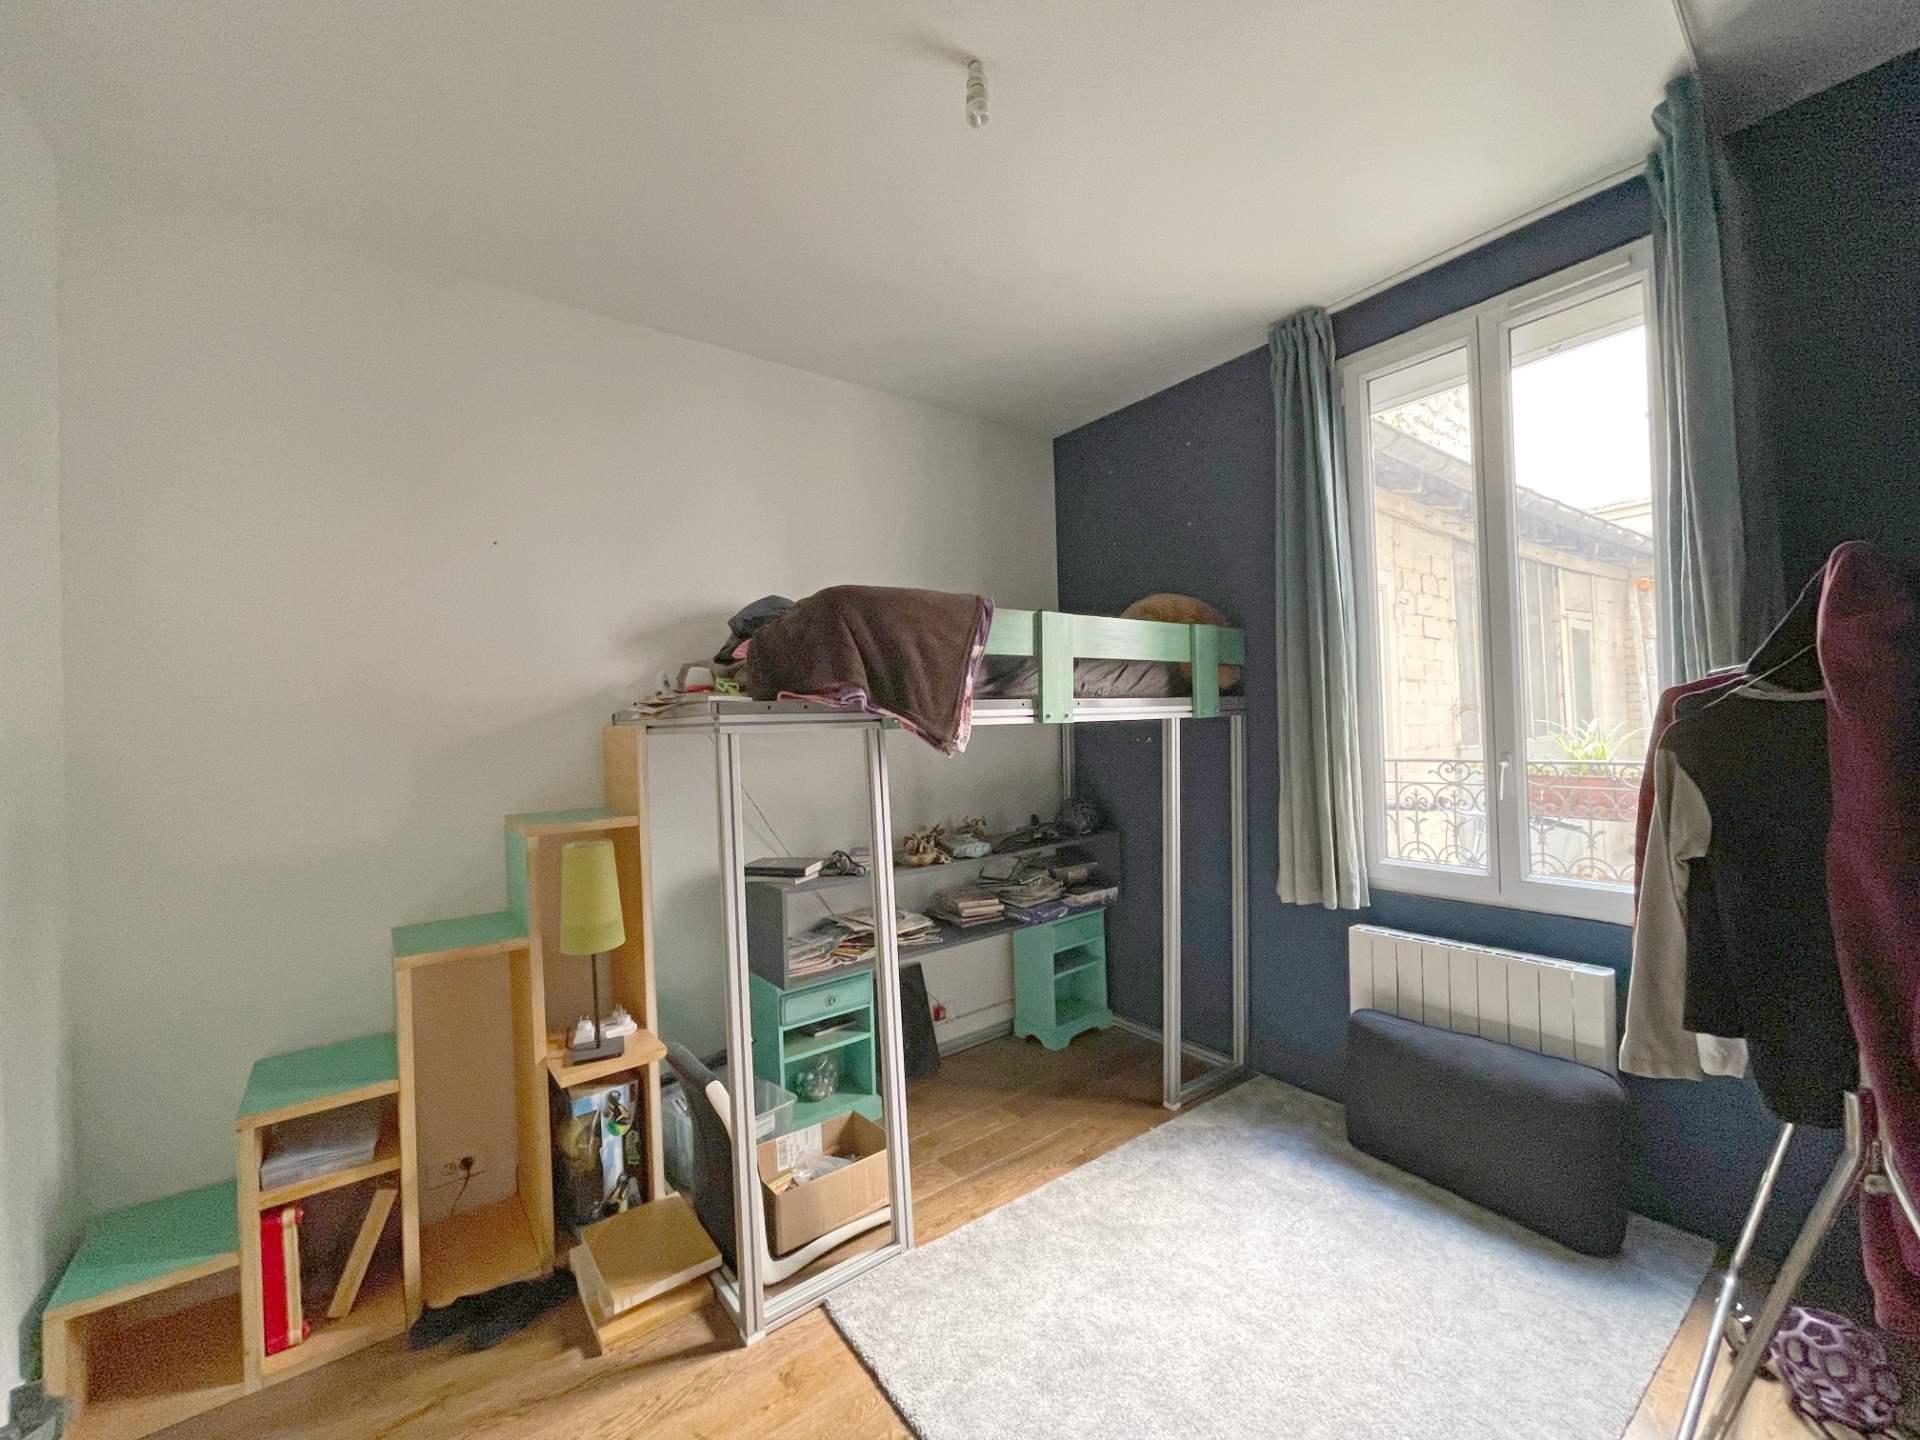 Saint Ouen, quartier Michelet / Dr Bauer, dans rue arborée calme, magnifique souplex «comme une maison» 5